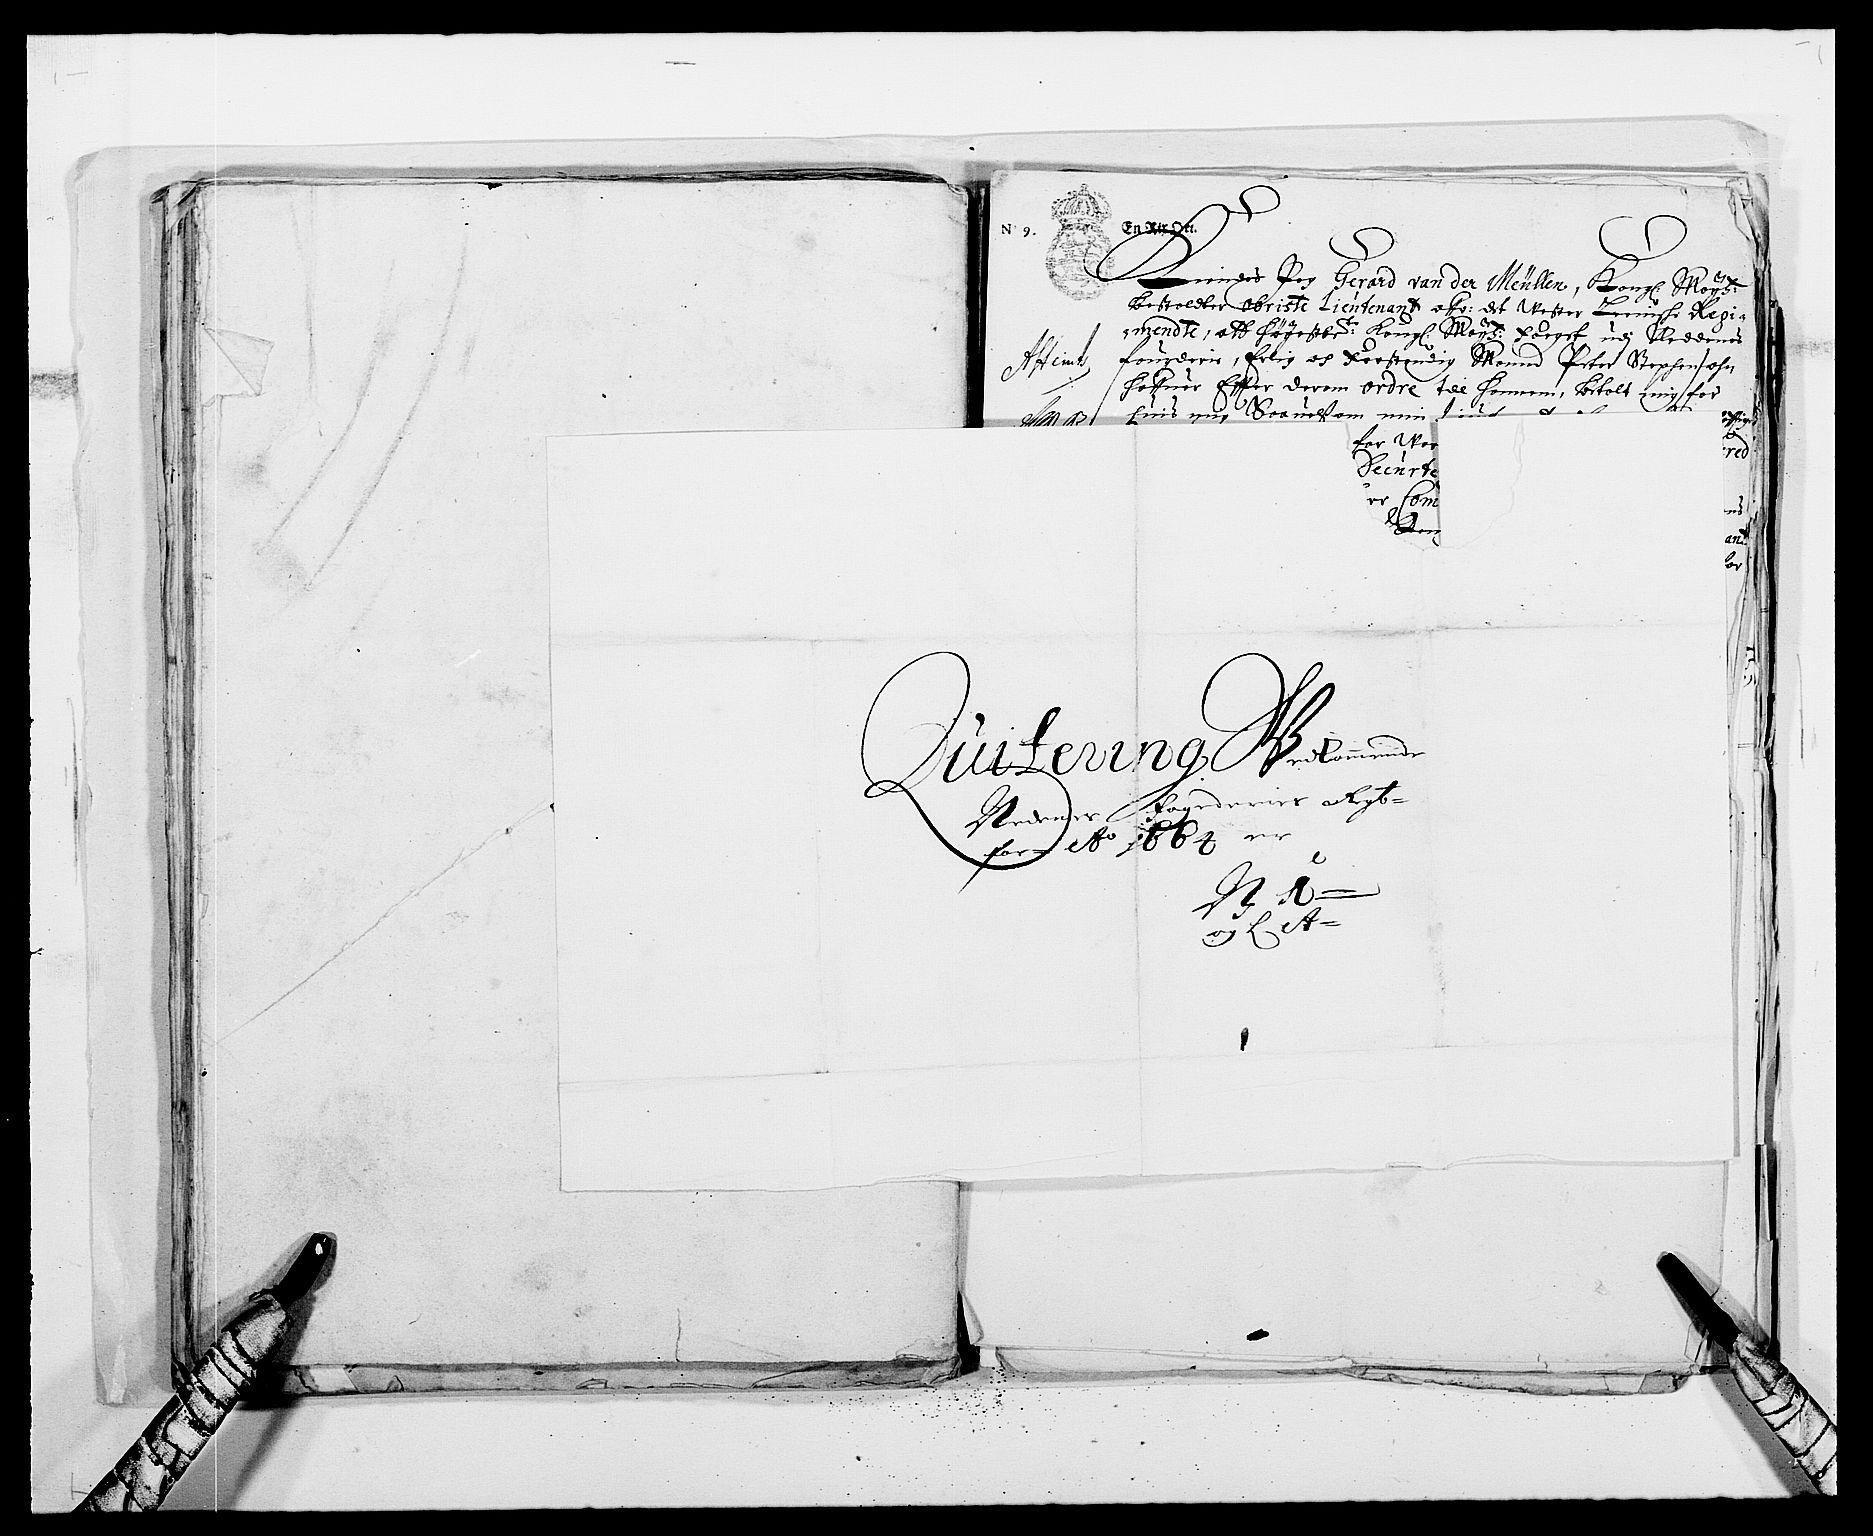 RA, Rentekammeret inntil 1814, Reviderte regnskaper, Fogderegnskap, R39/L2296: Fogderegnskap Nedenes, 1664-1666, s. 305